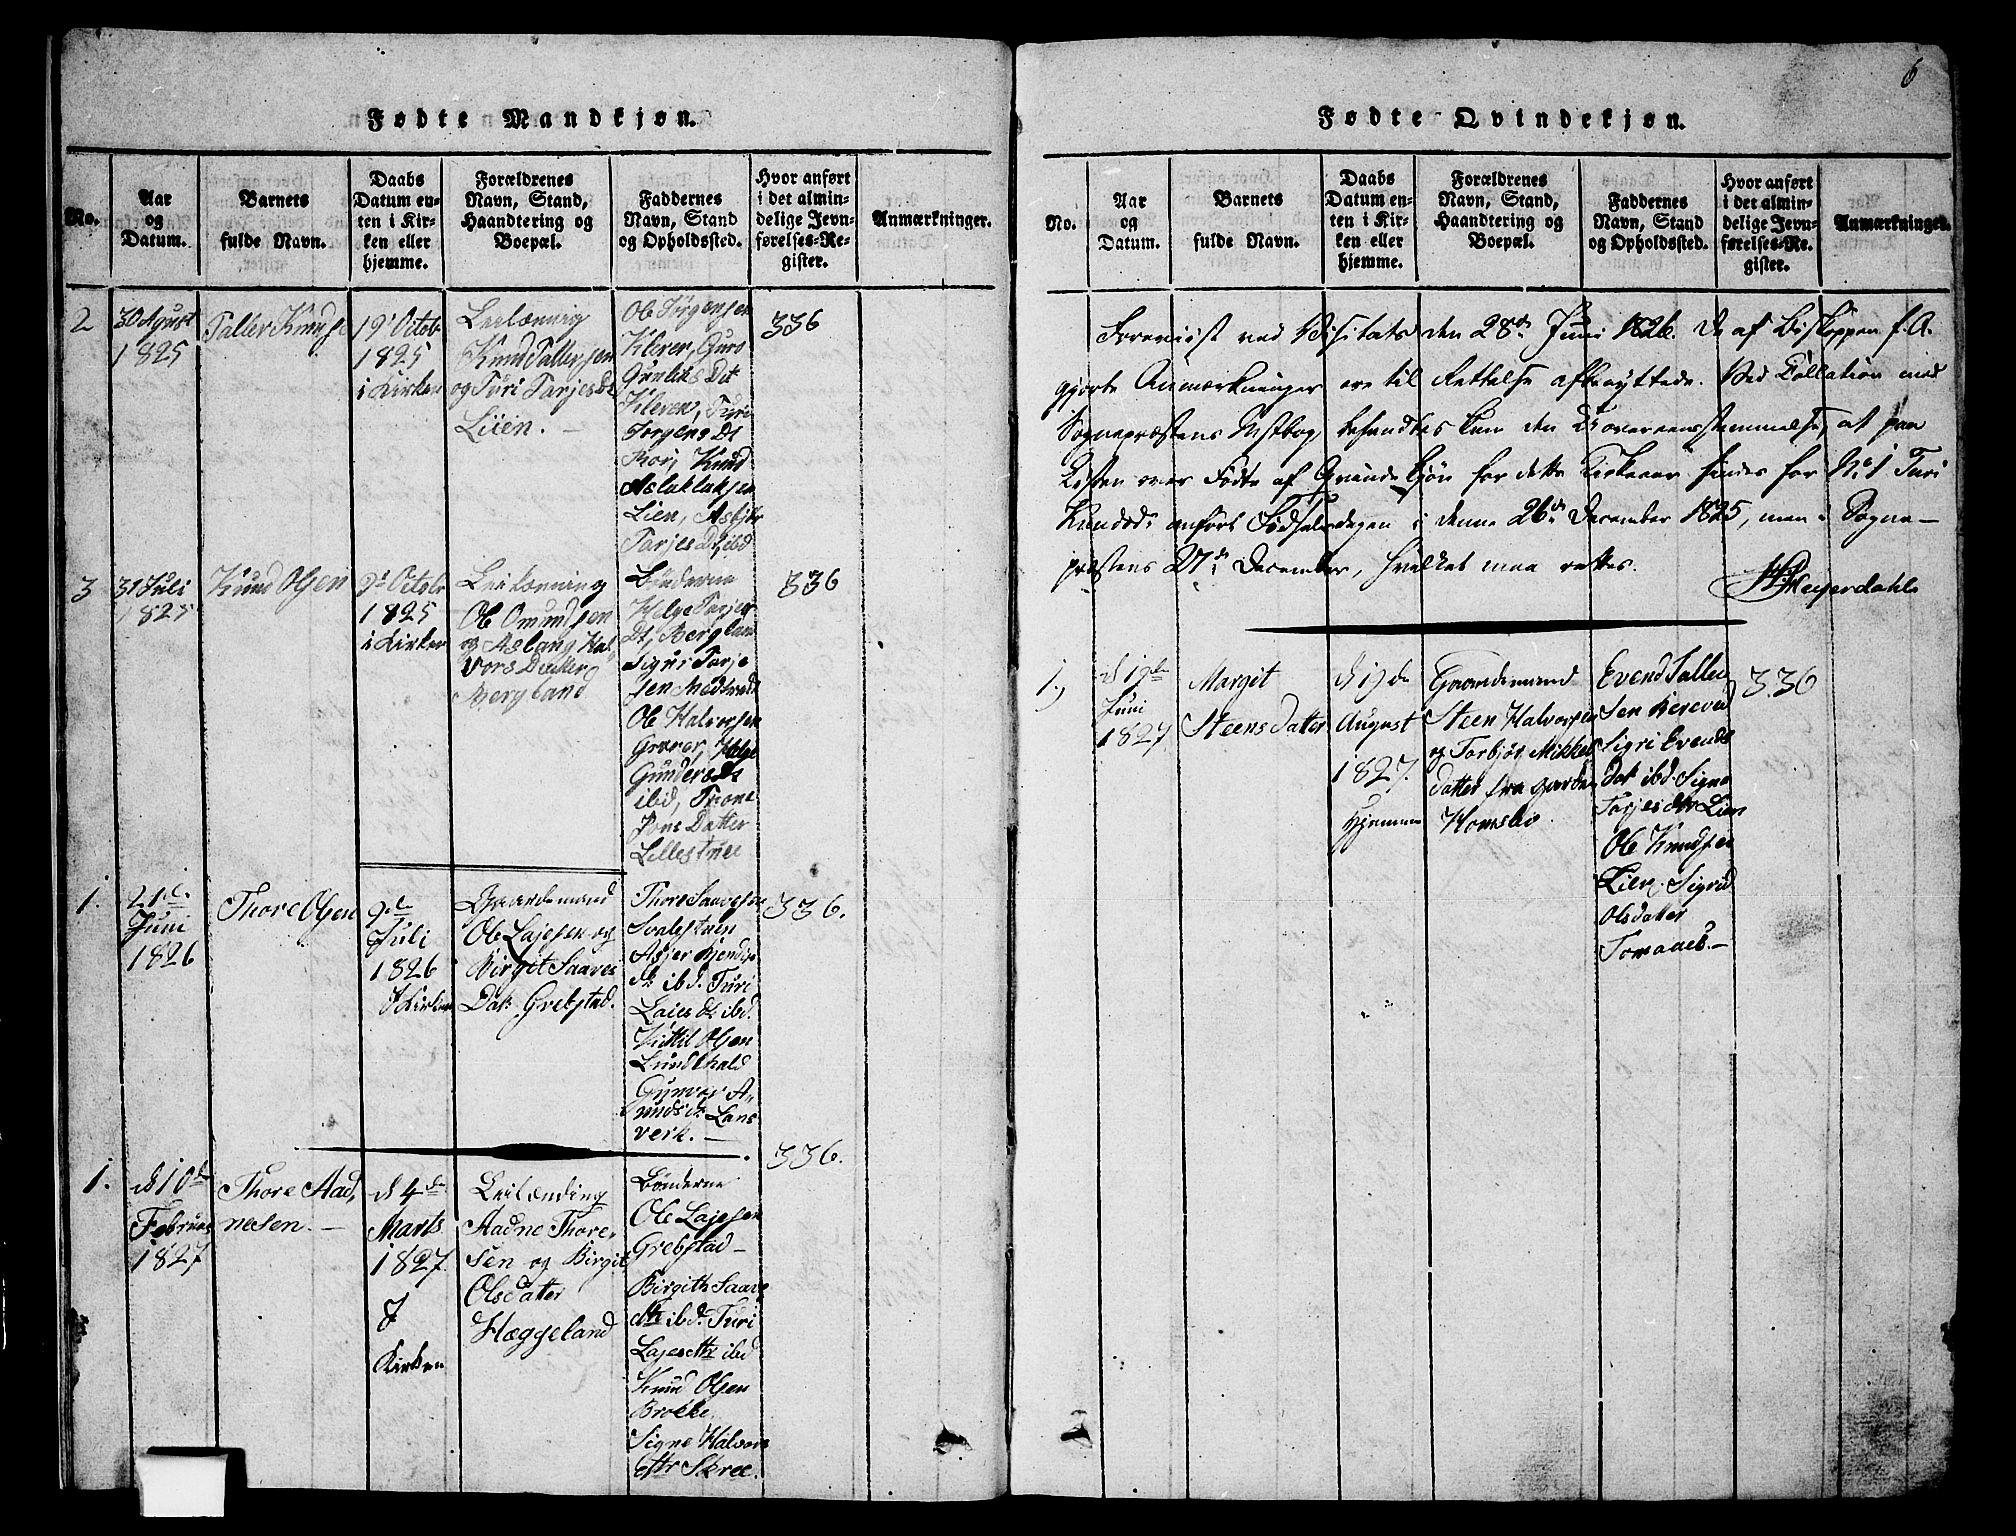 SAKO, Fyresdal kirkebøker, G/Ga/L0002: Klokkerbok nr. I 2, 1815-1857, s. 6